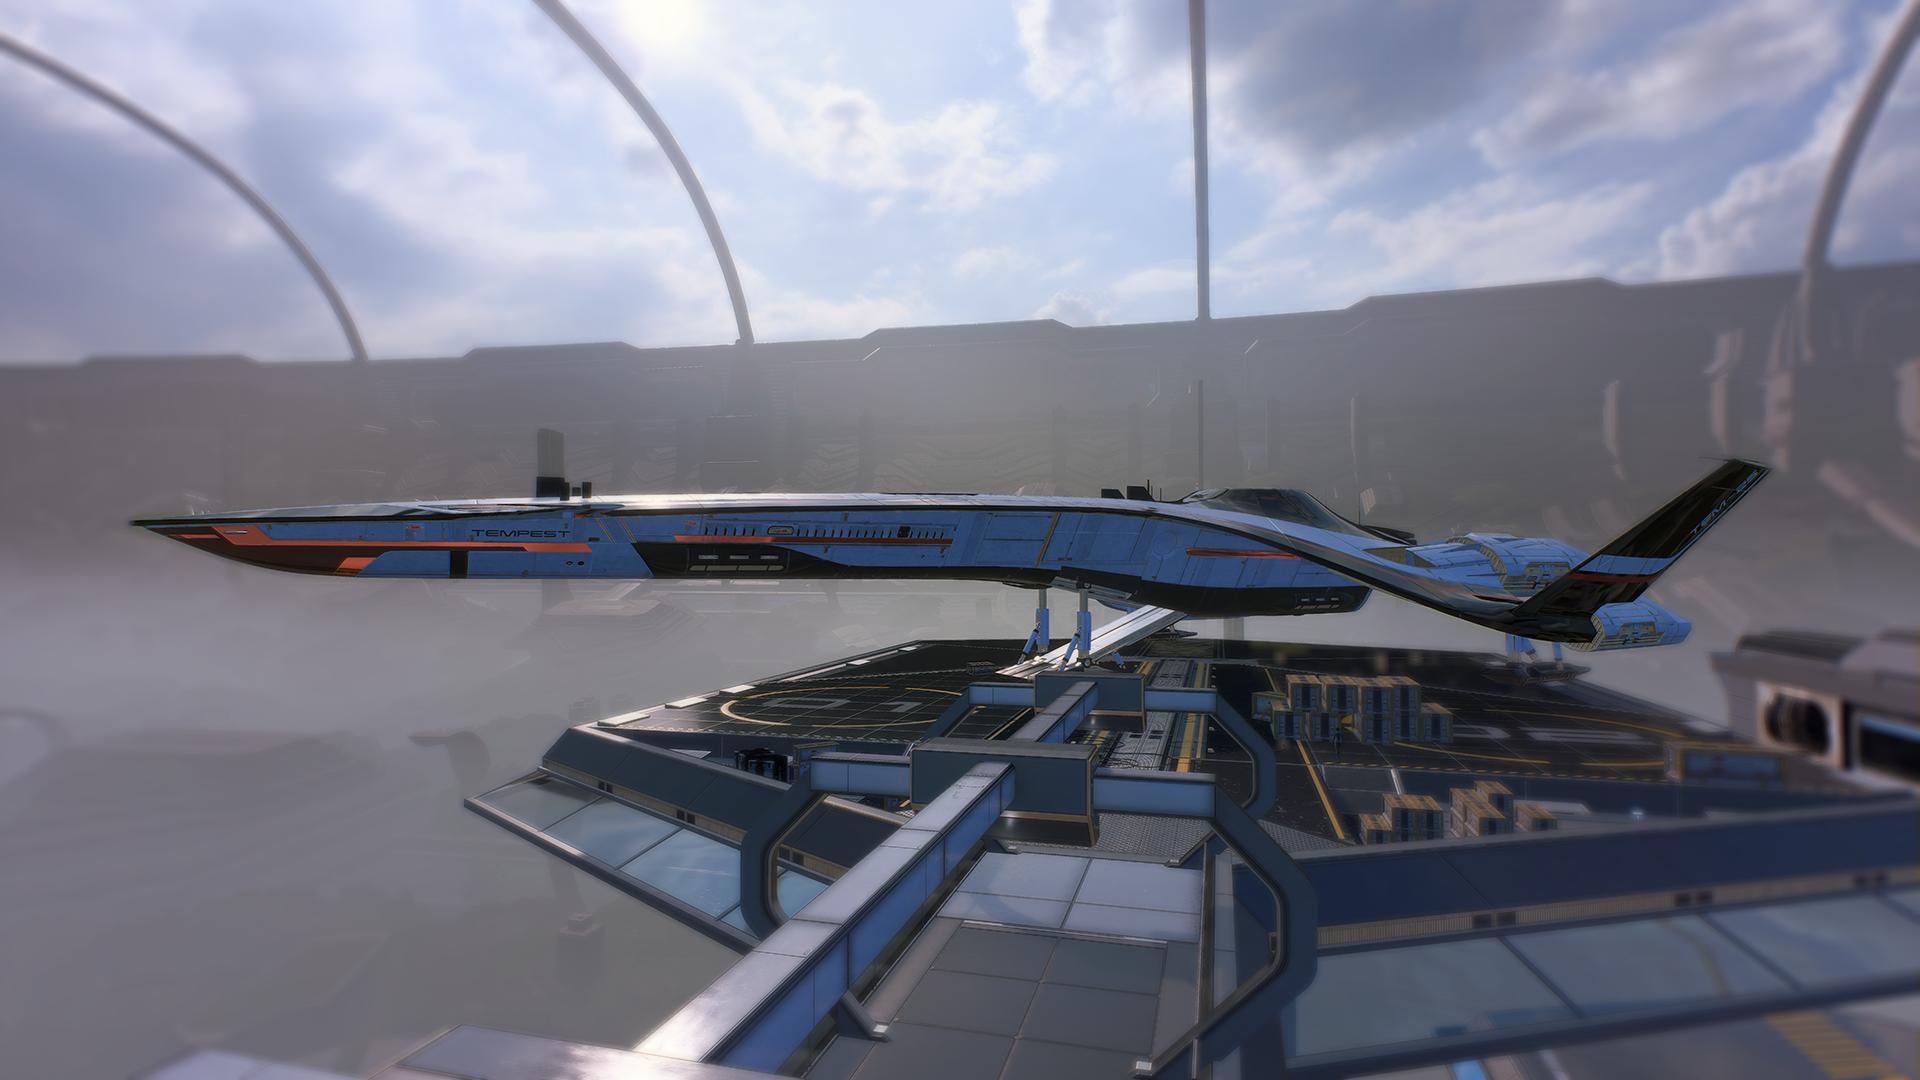 Wallpaper Mass Effect Andromeda Spaceship Tempest Mass Effect